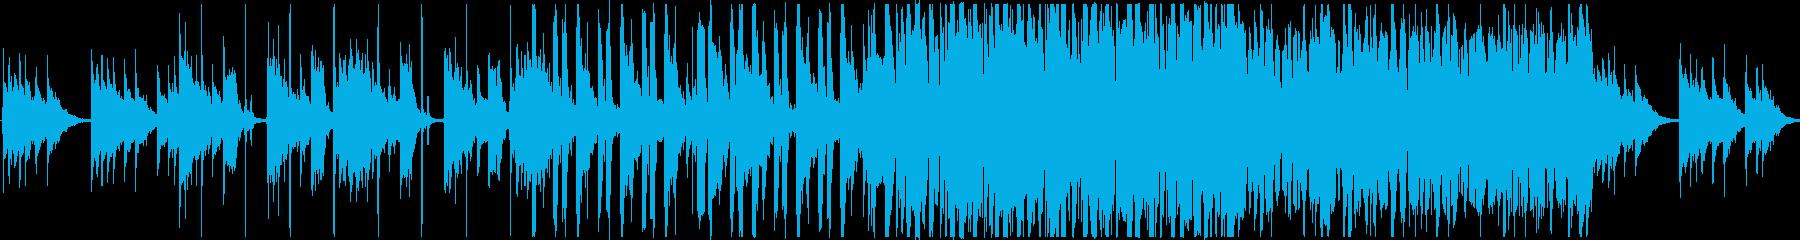 怪しいハロウィン研究所の再生済みの波形